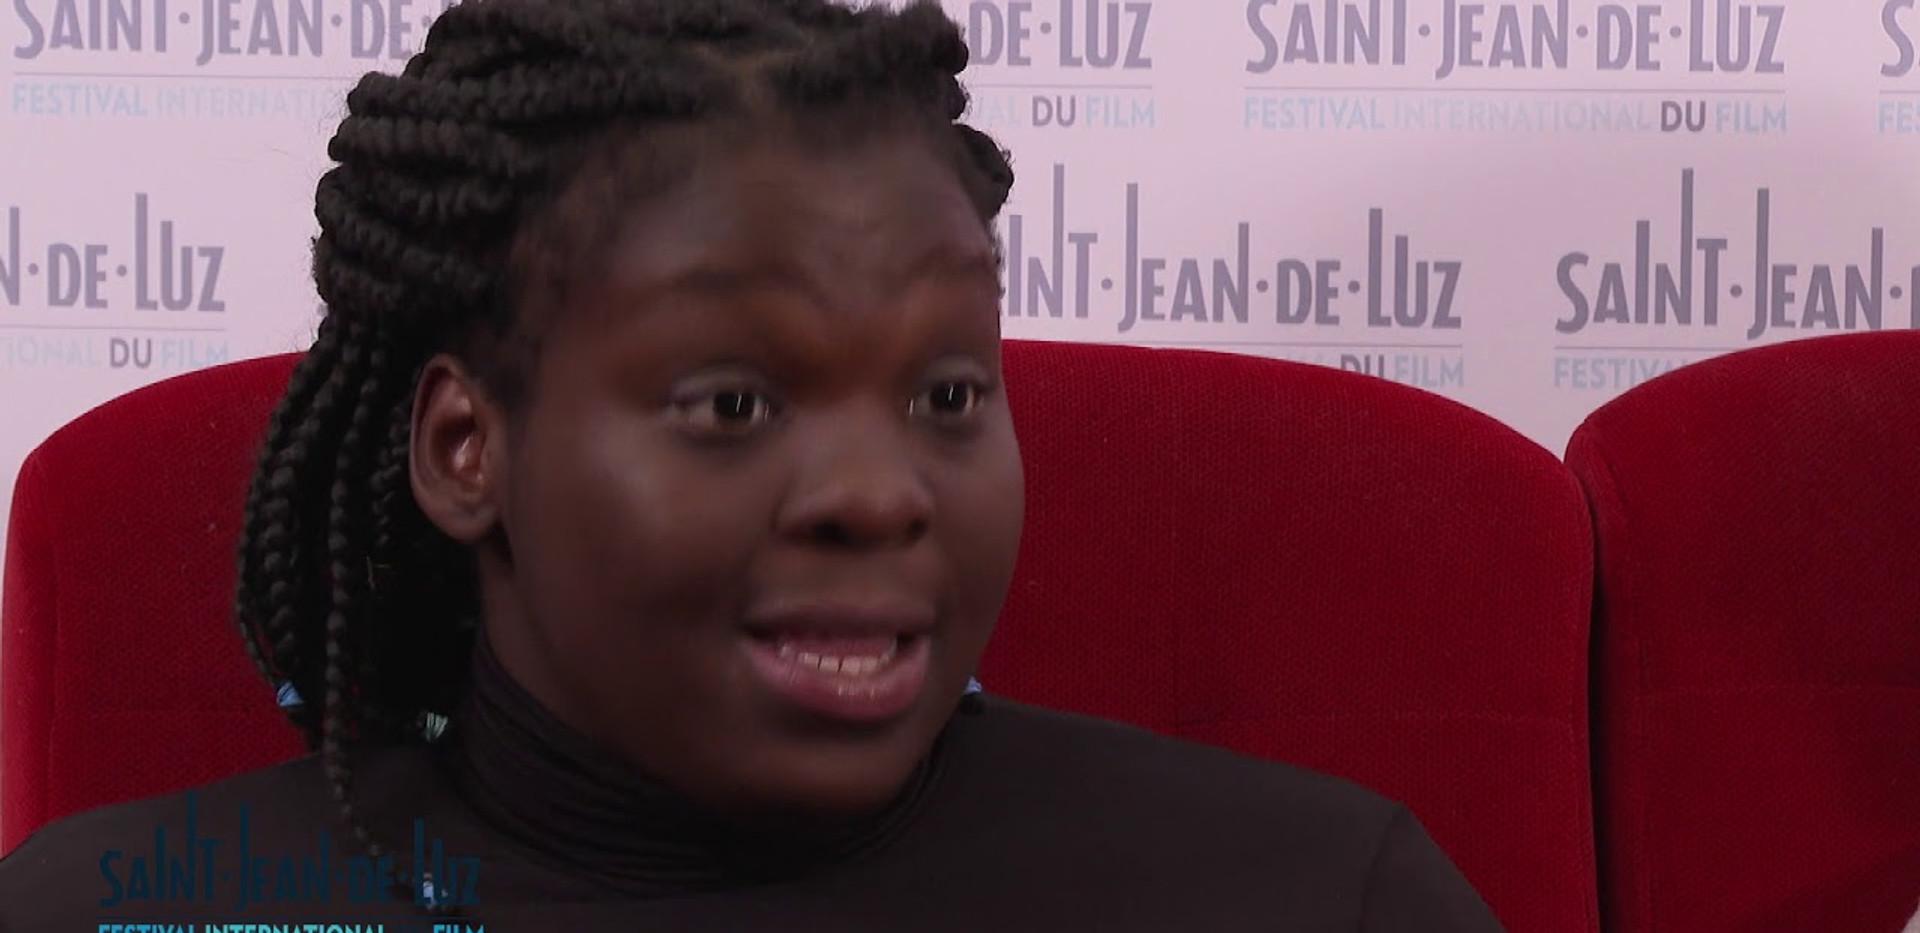 Les invisibles - Interview de la comédienne Deborah Lukumuena & du comédien Pablo Pauly